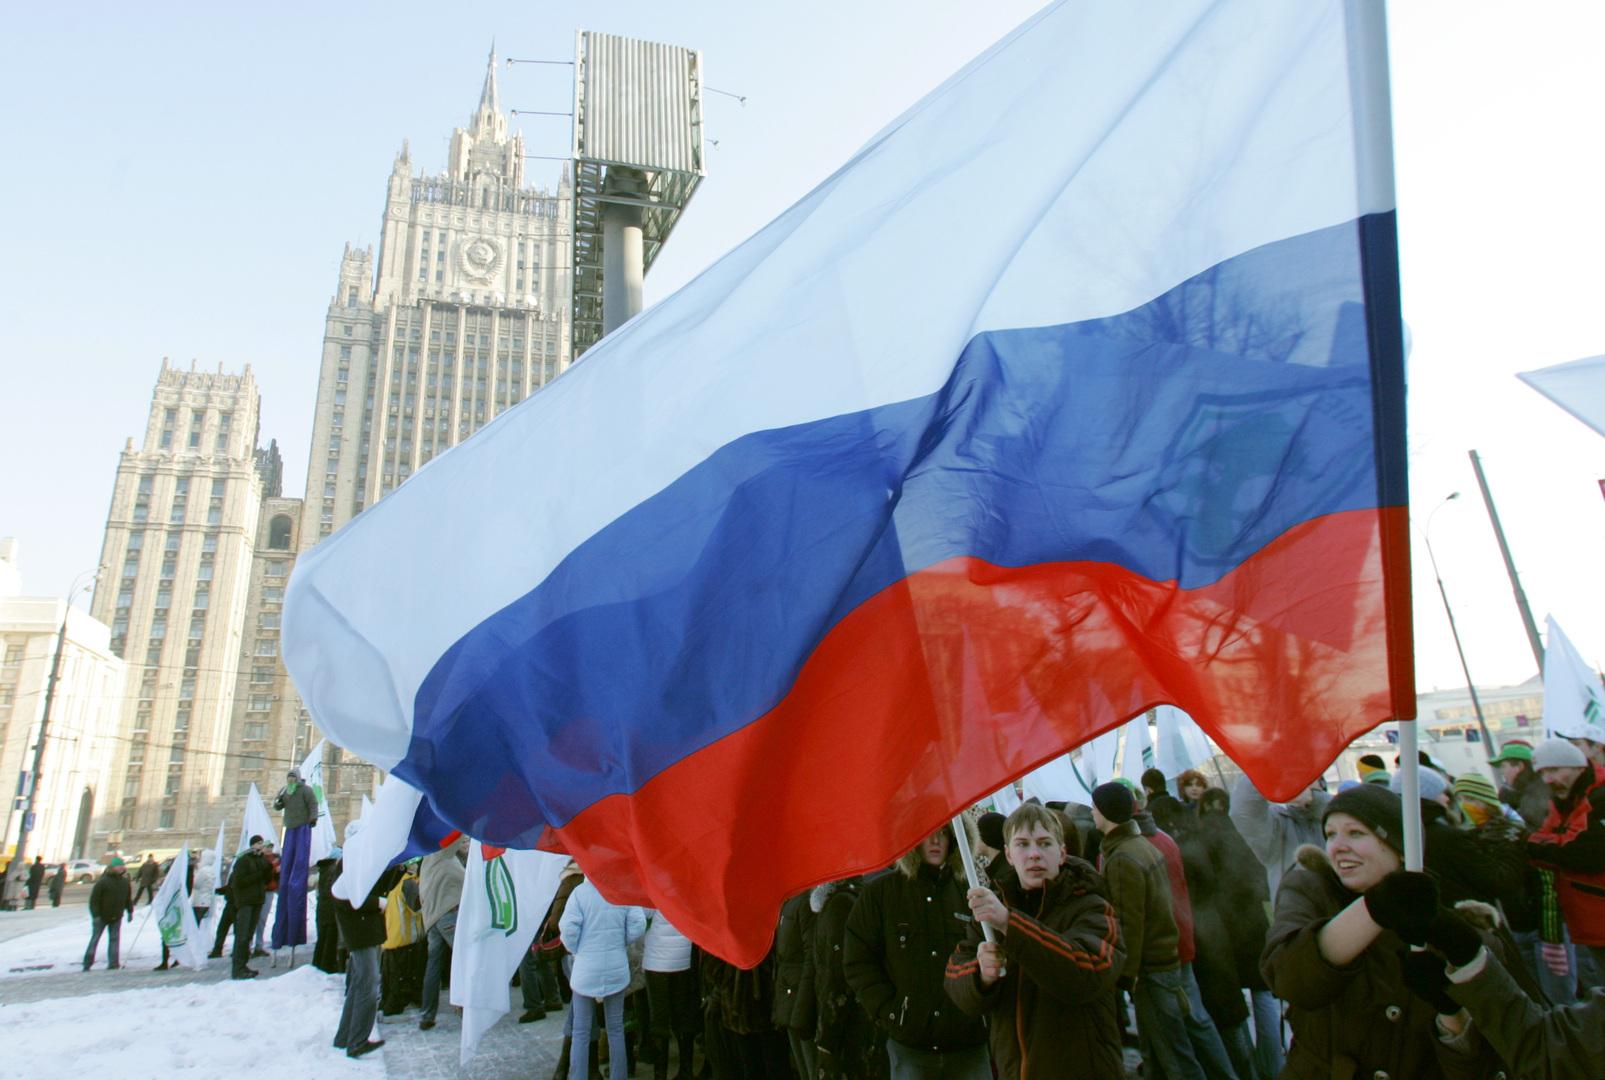 موسكو: التدخل الخارجي في شؤون كوبا أمر غير مقبول